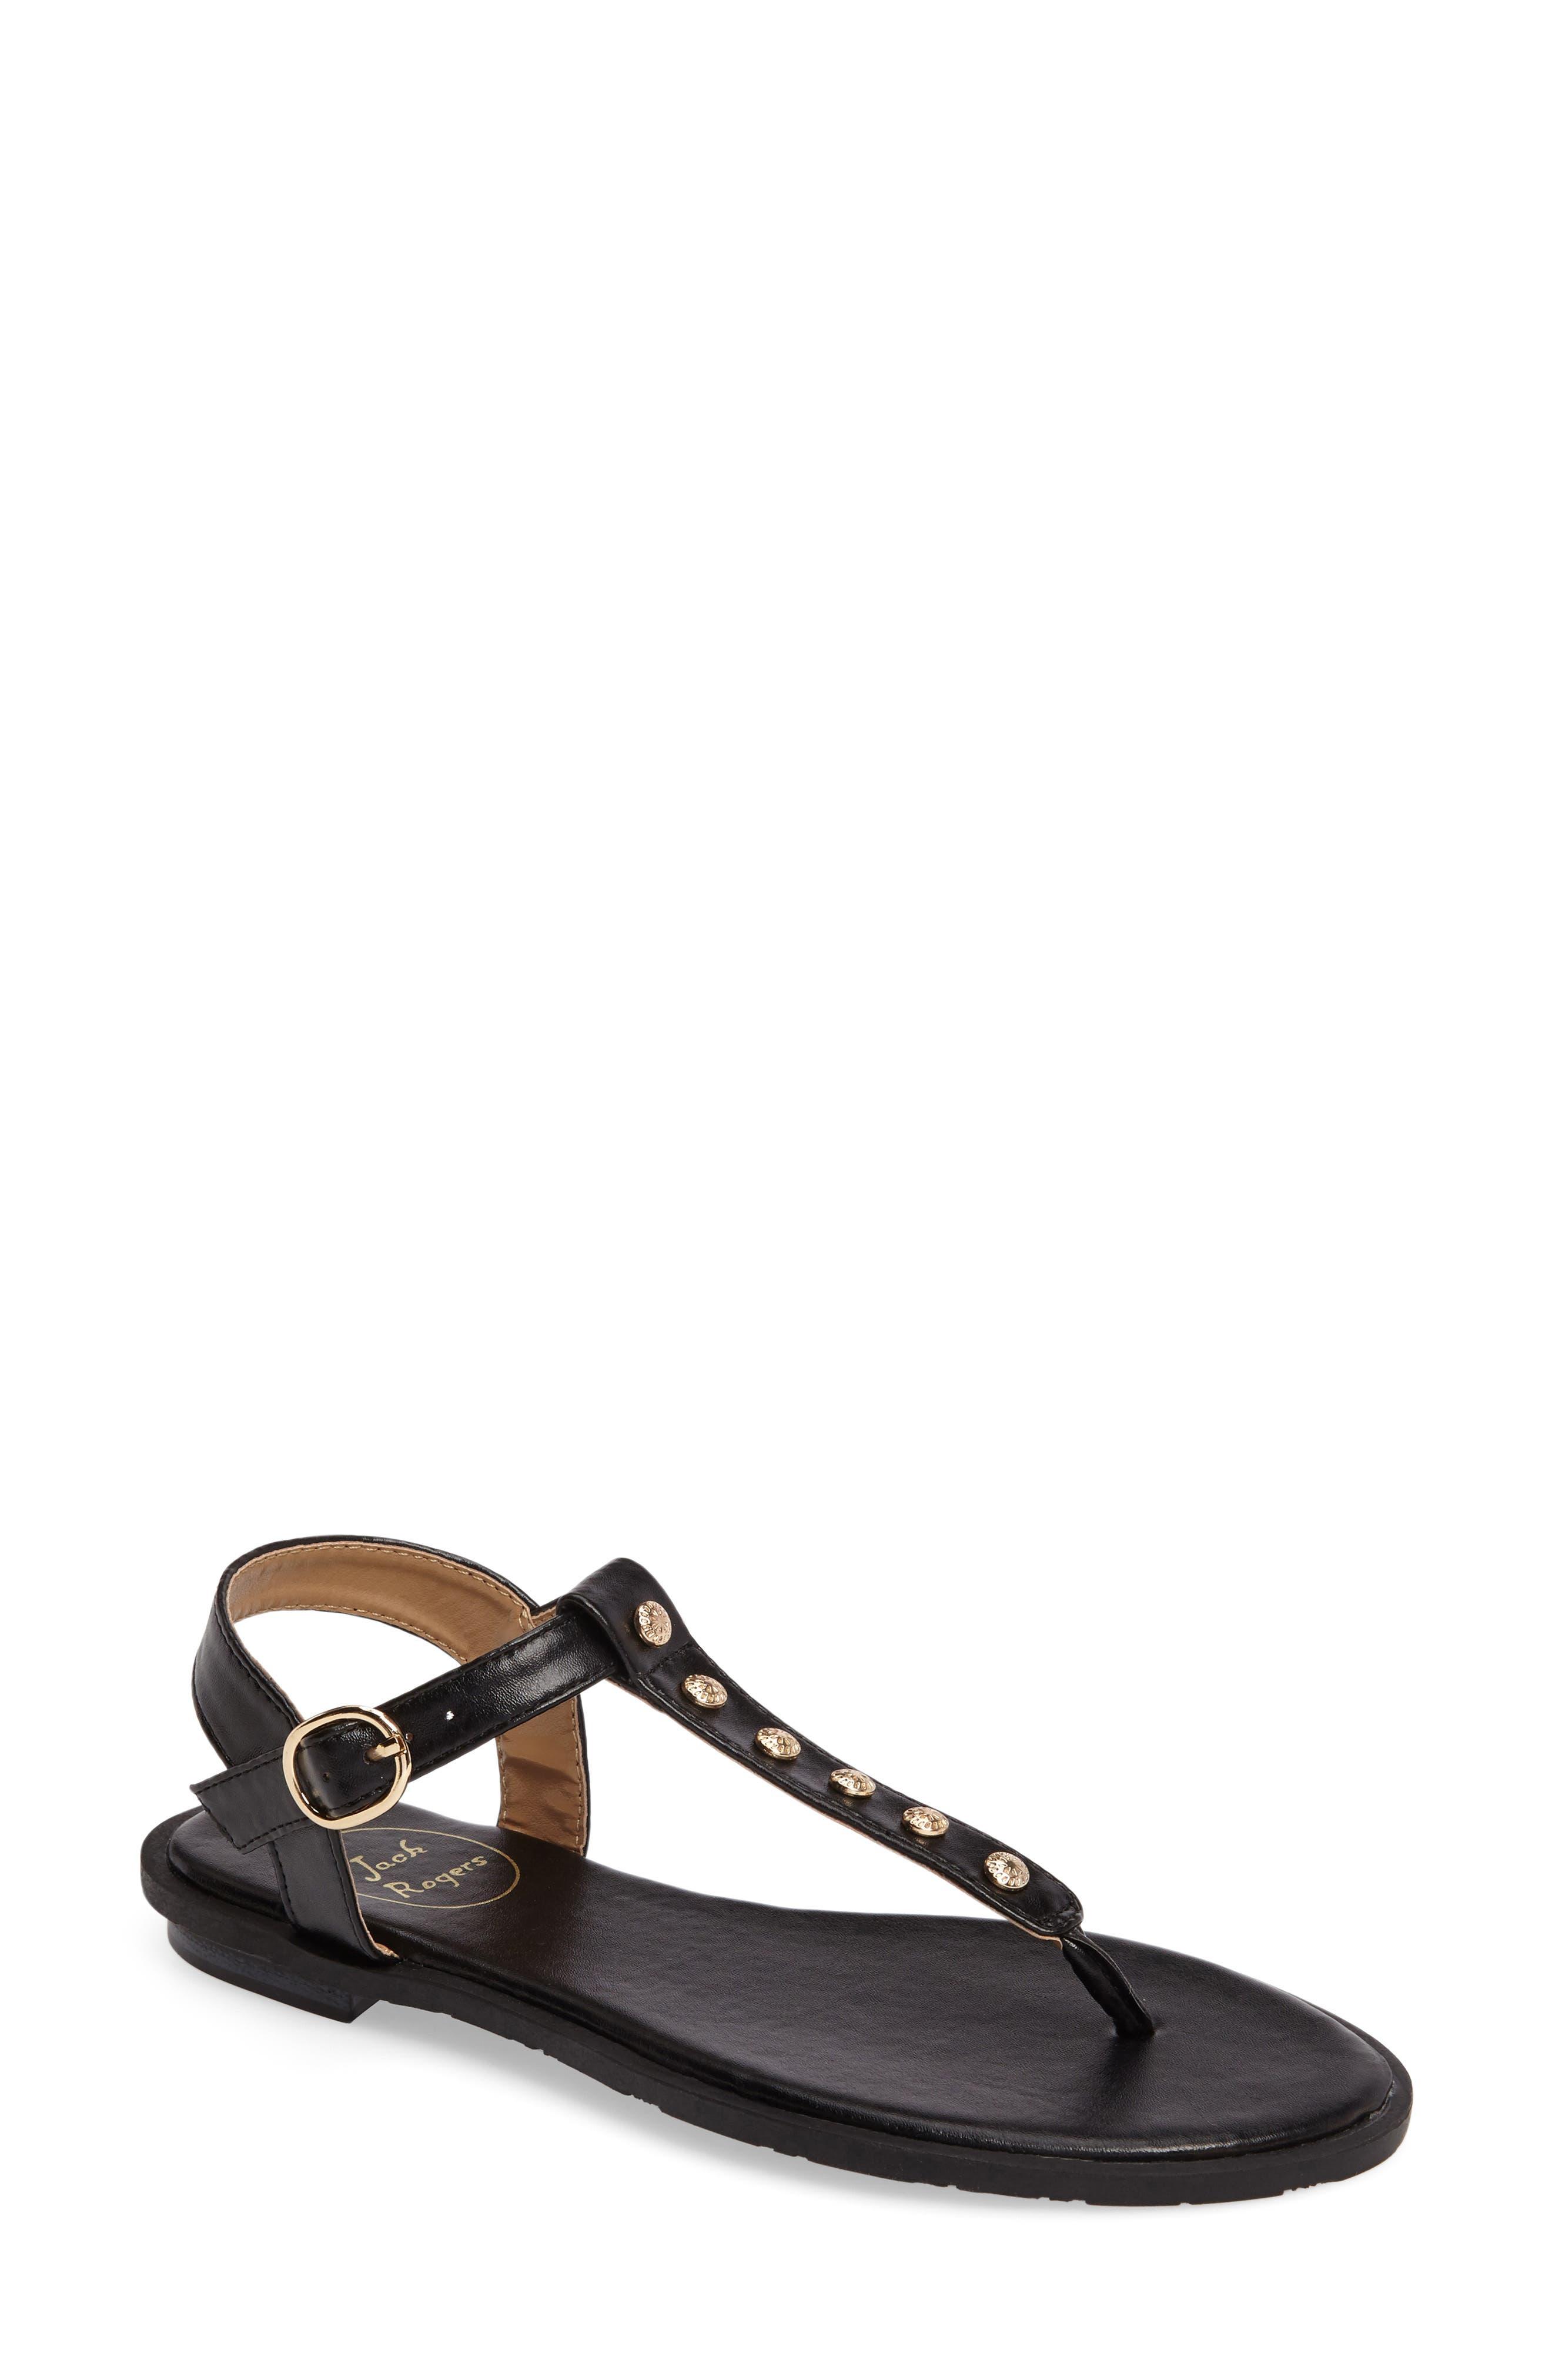 Kamri T-Strap Sandal,                             Main thumbnail 1, color,